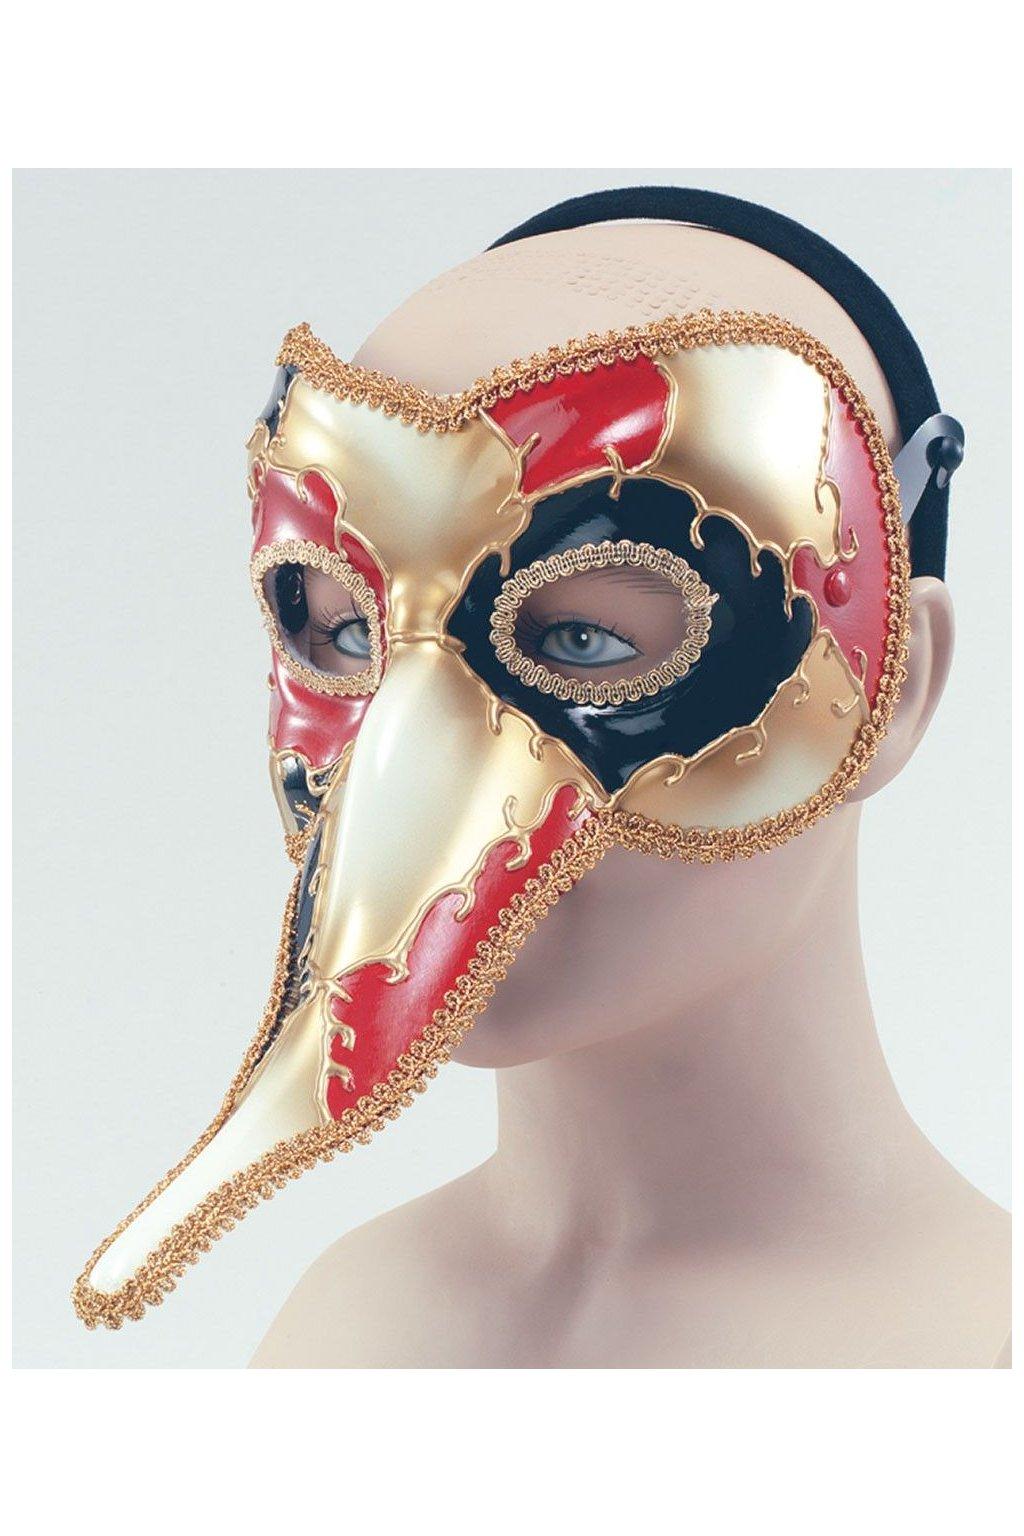 Benátská maska s nosem - výprodej